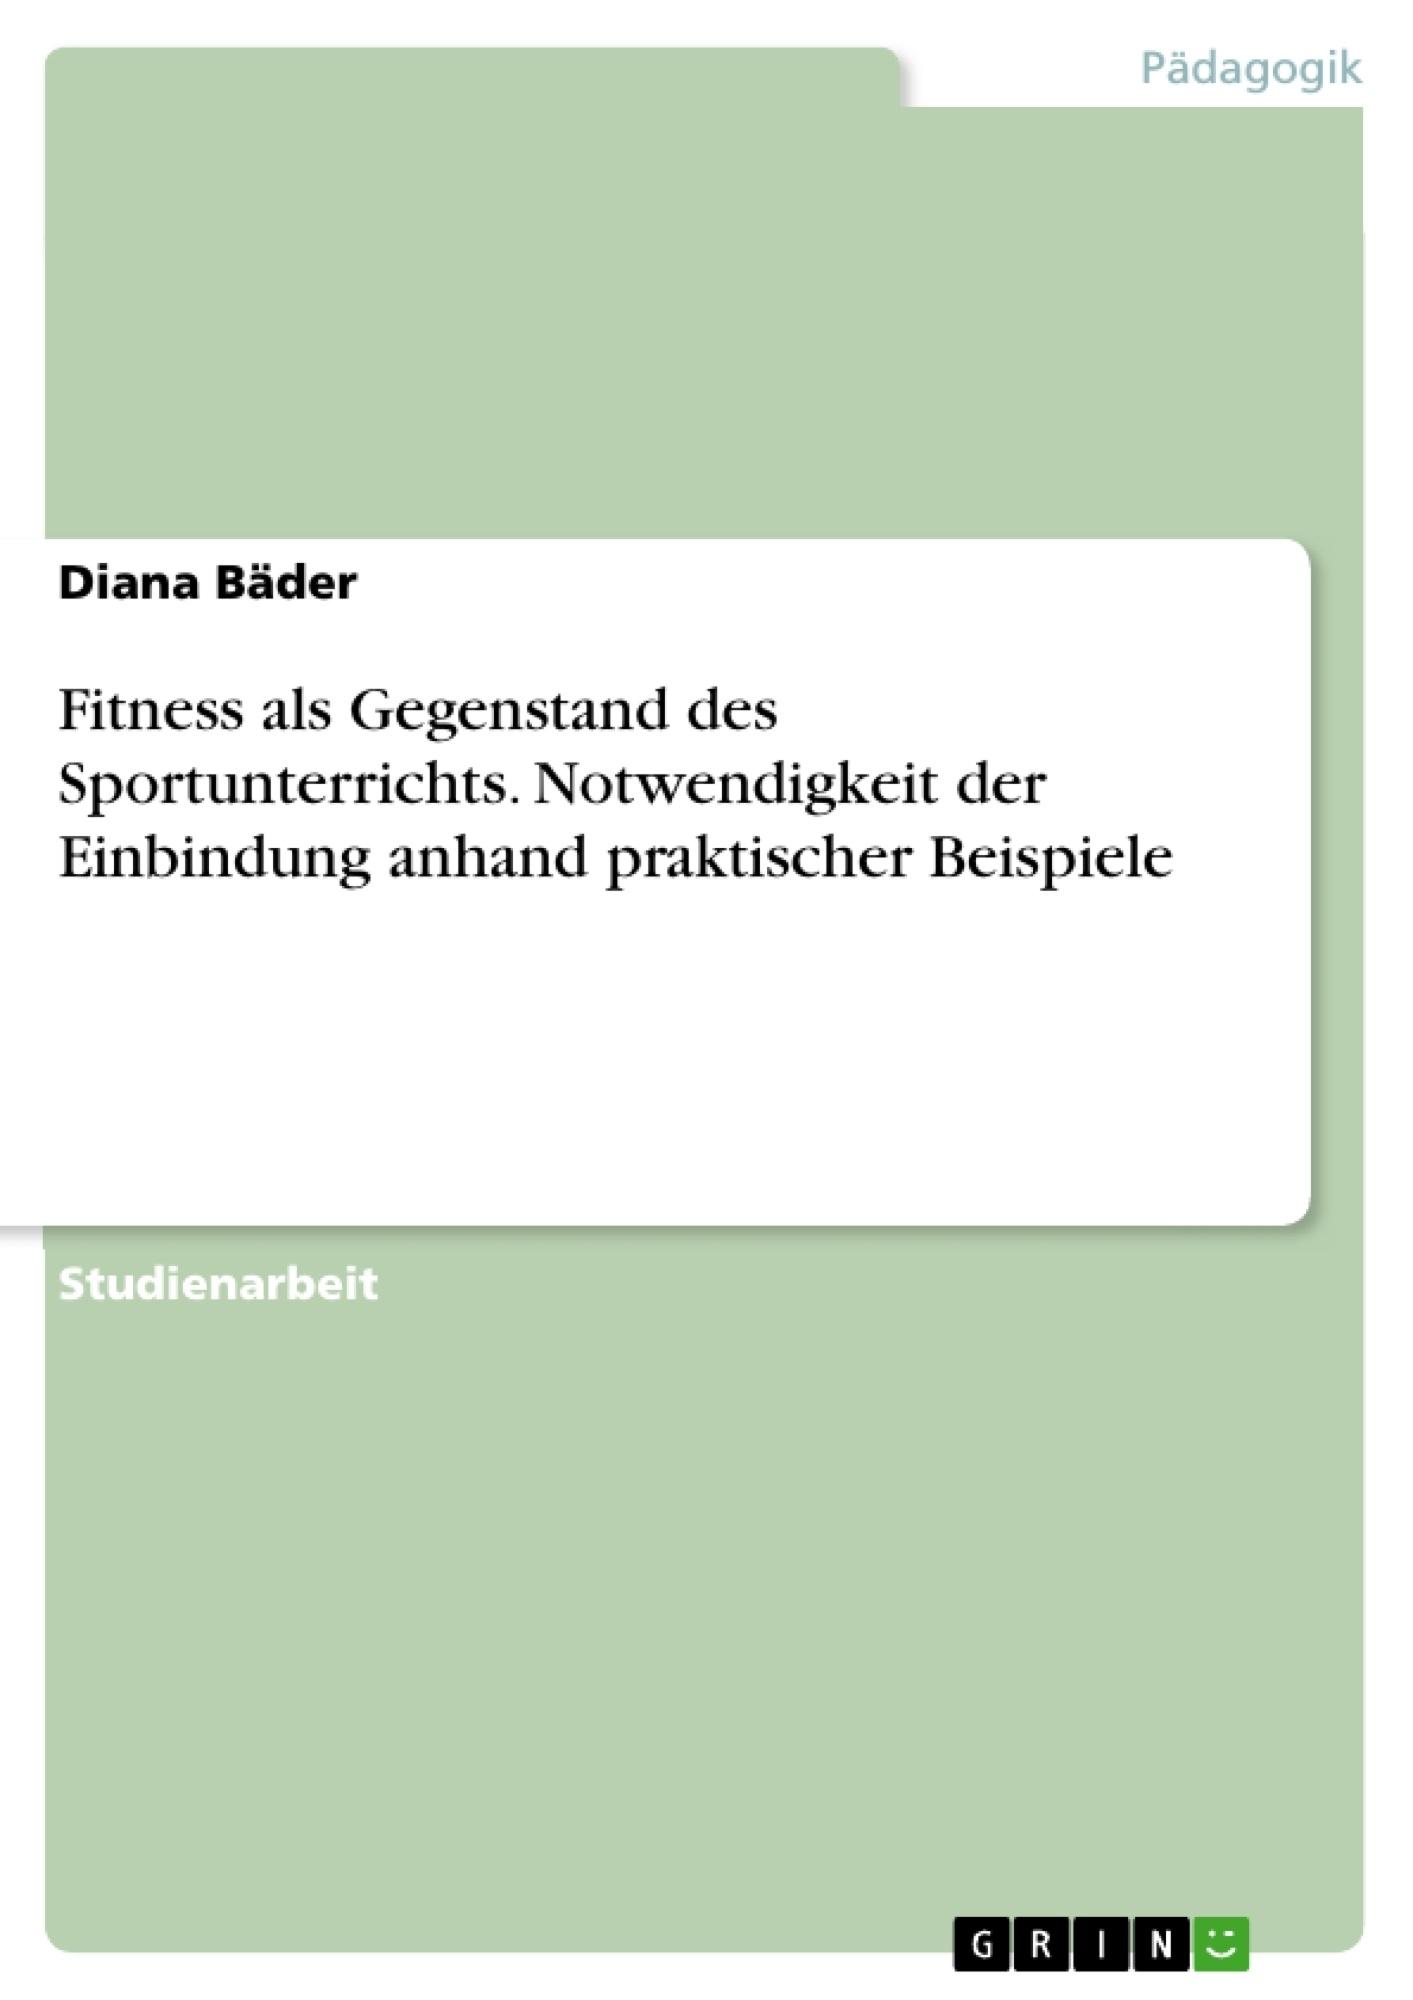 Titel: Fitness als Gegenstand des Sportunterrichts. Notwendigkeit der Einbindung anhand praktischer Beispiele